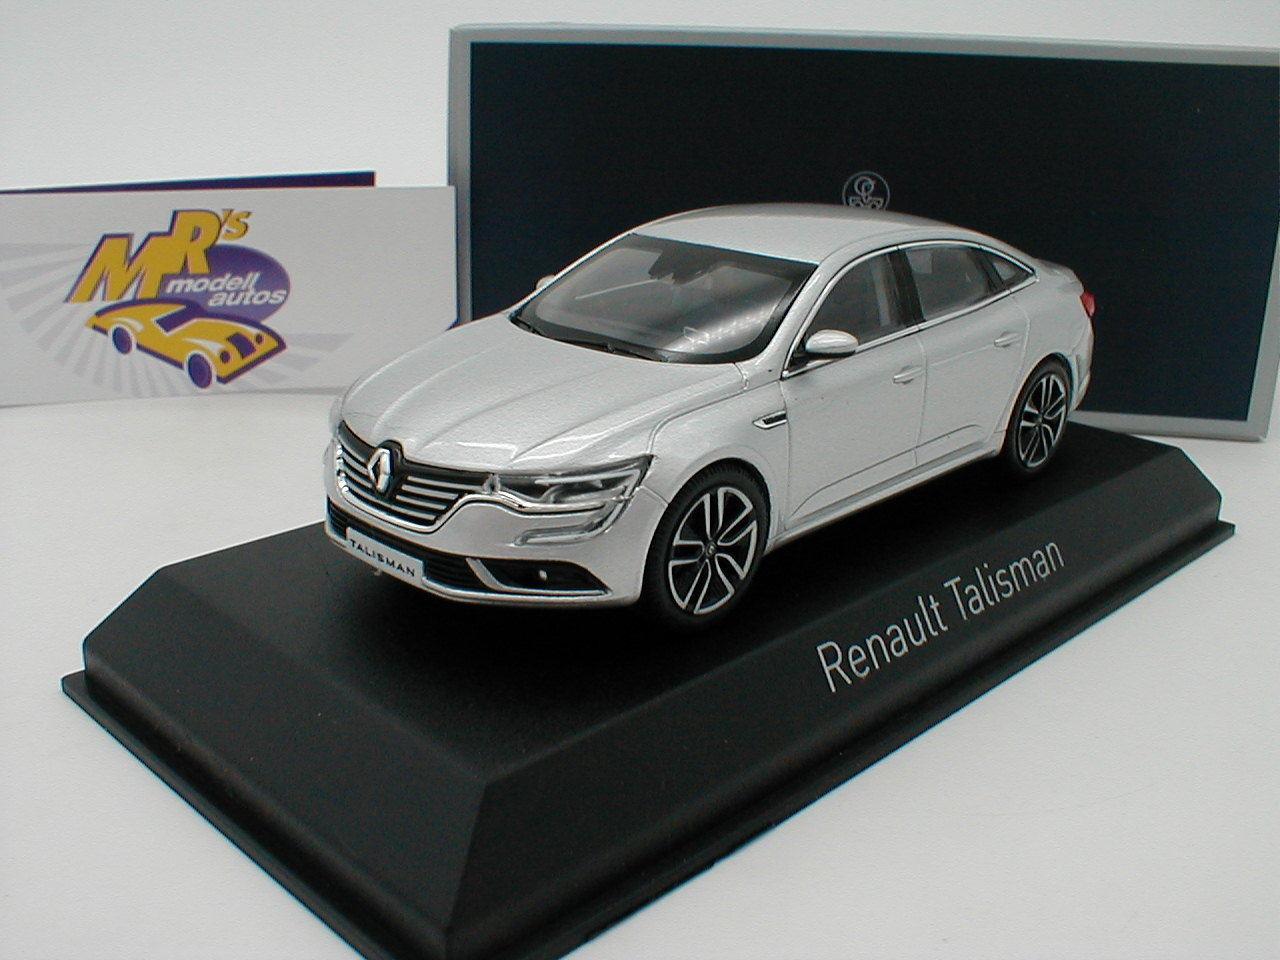 NOREV 517744-Renault Talisman année de fabrication 2016 in argent métallique 1 43 Nouveauté